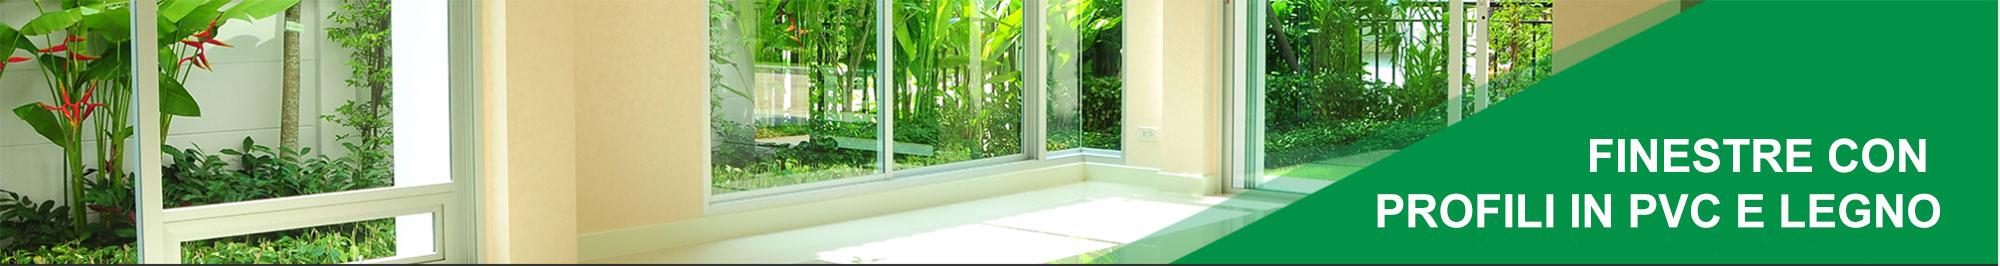 Finestre in pvc desa fenster - Coibentazione davanzali finestre ...